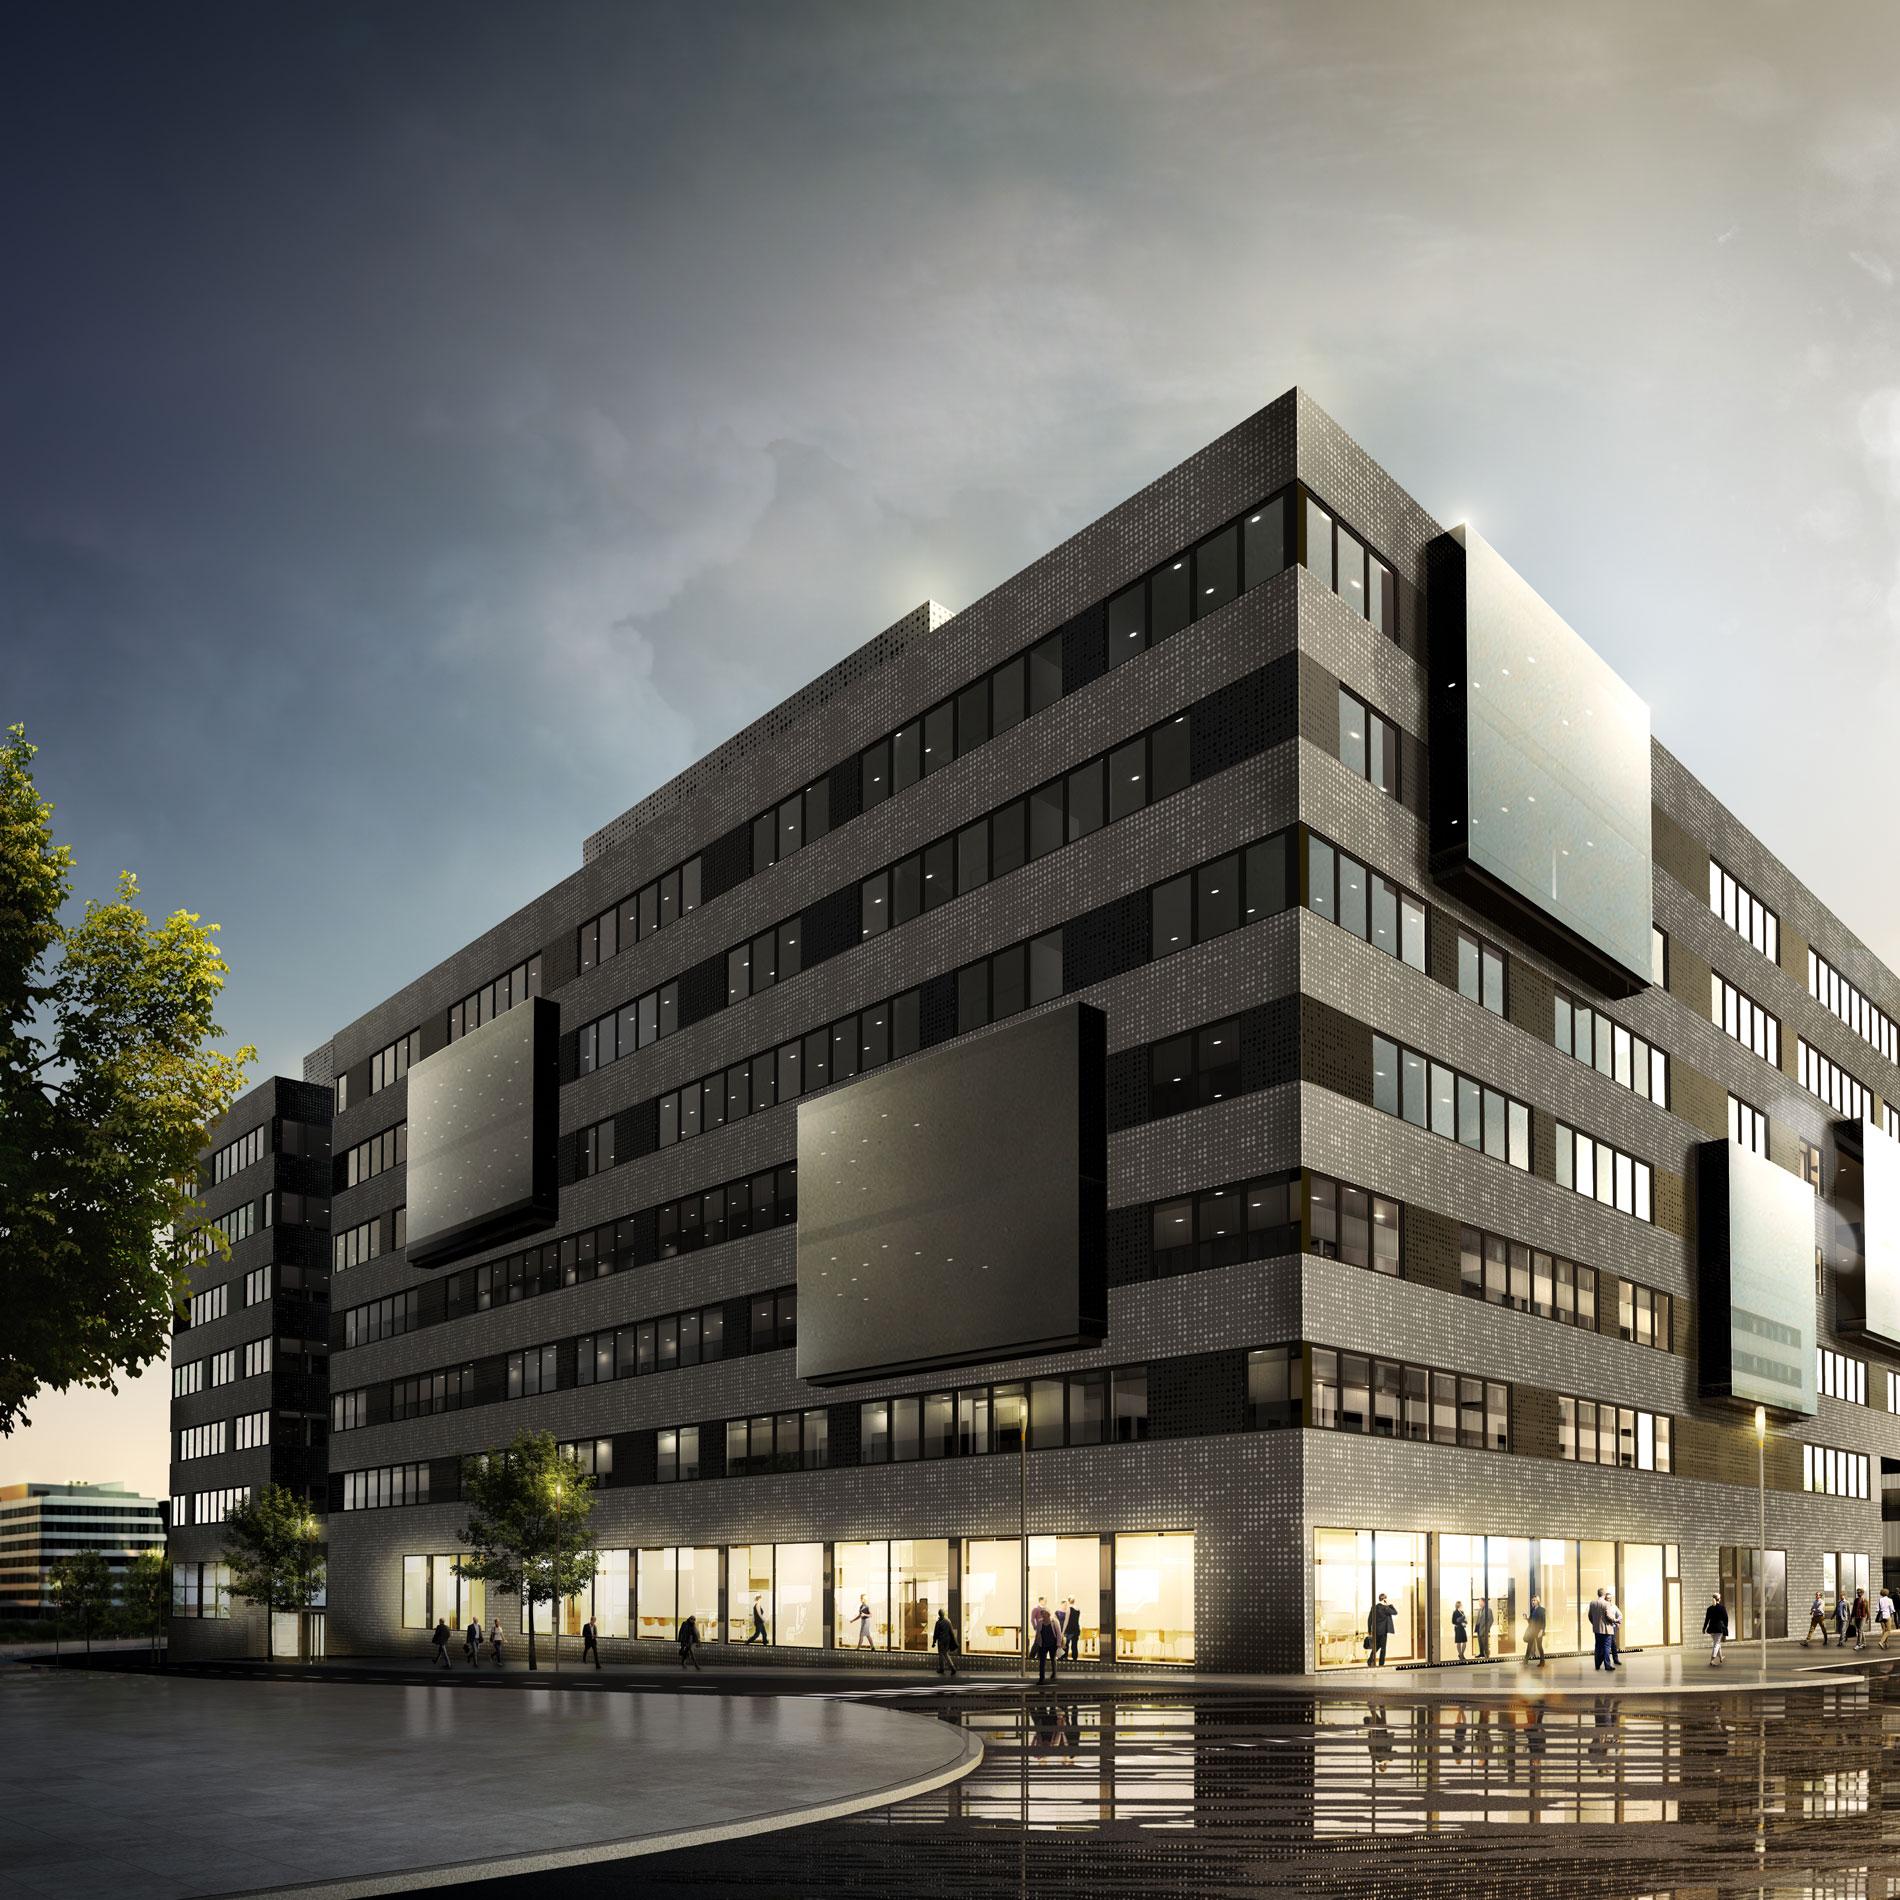 Fotod! Tele2 toob Eestisse uue töömudeli